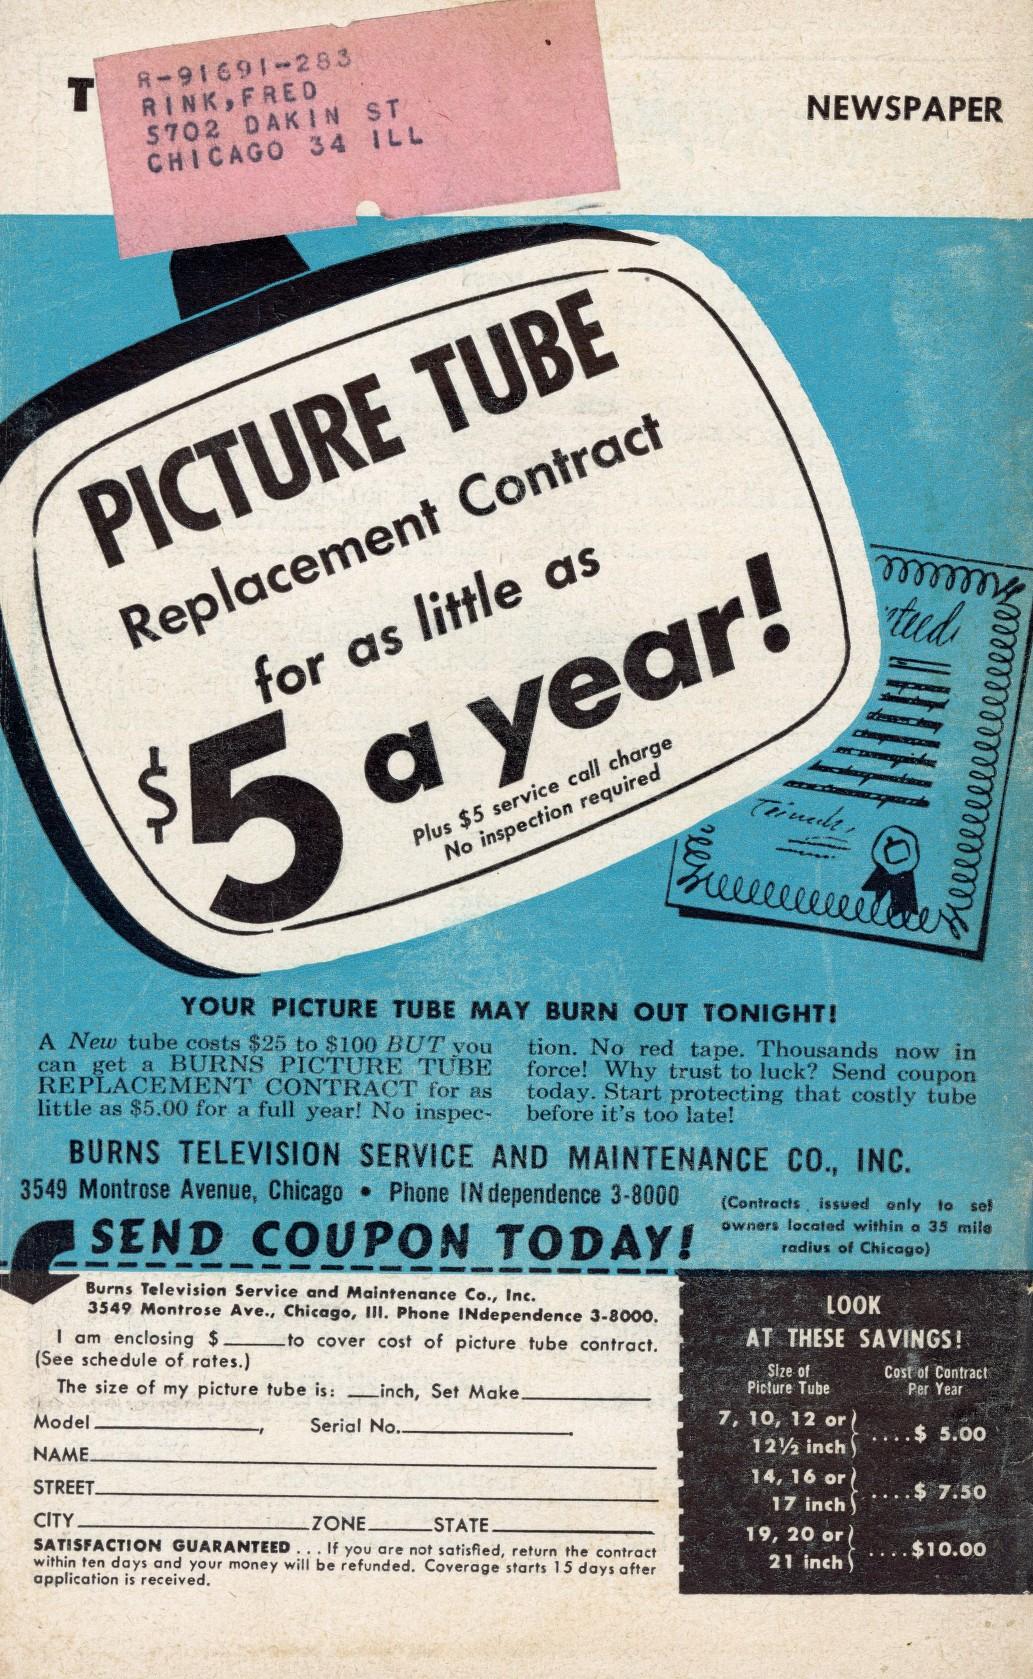 Tvforecast-chicago-1951-12-15_jp2.zip&file=tvforecast-chicago-1951-12-15_jp2%2ftvforecast-chicago-1951-12-15_0047